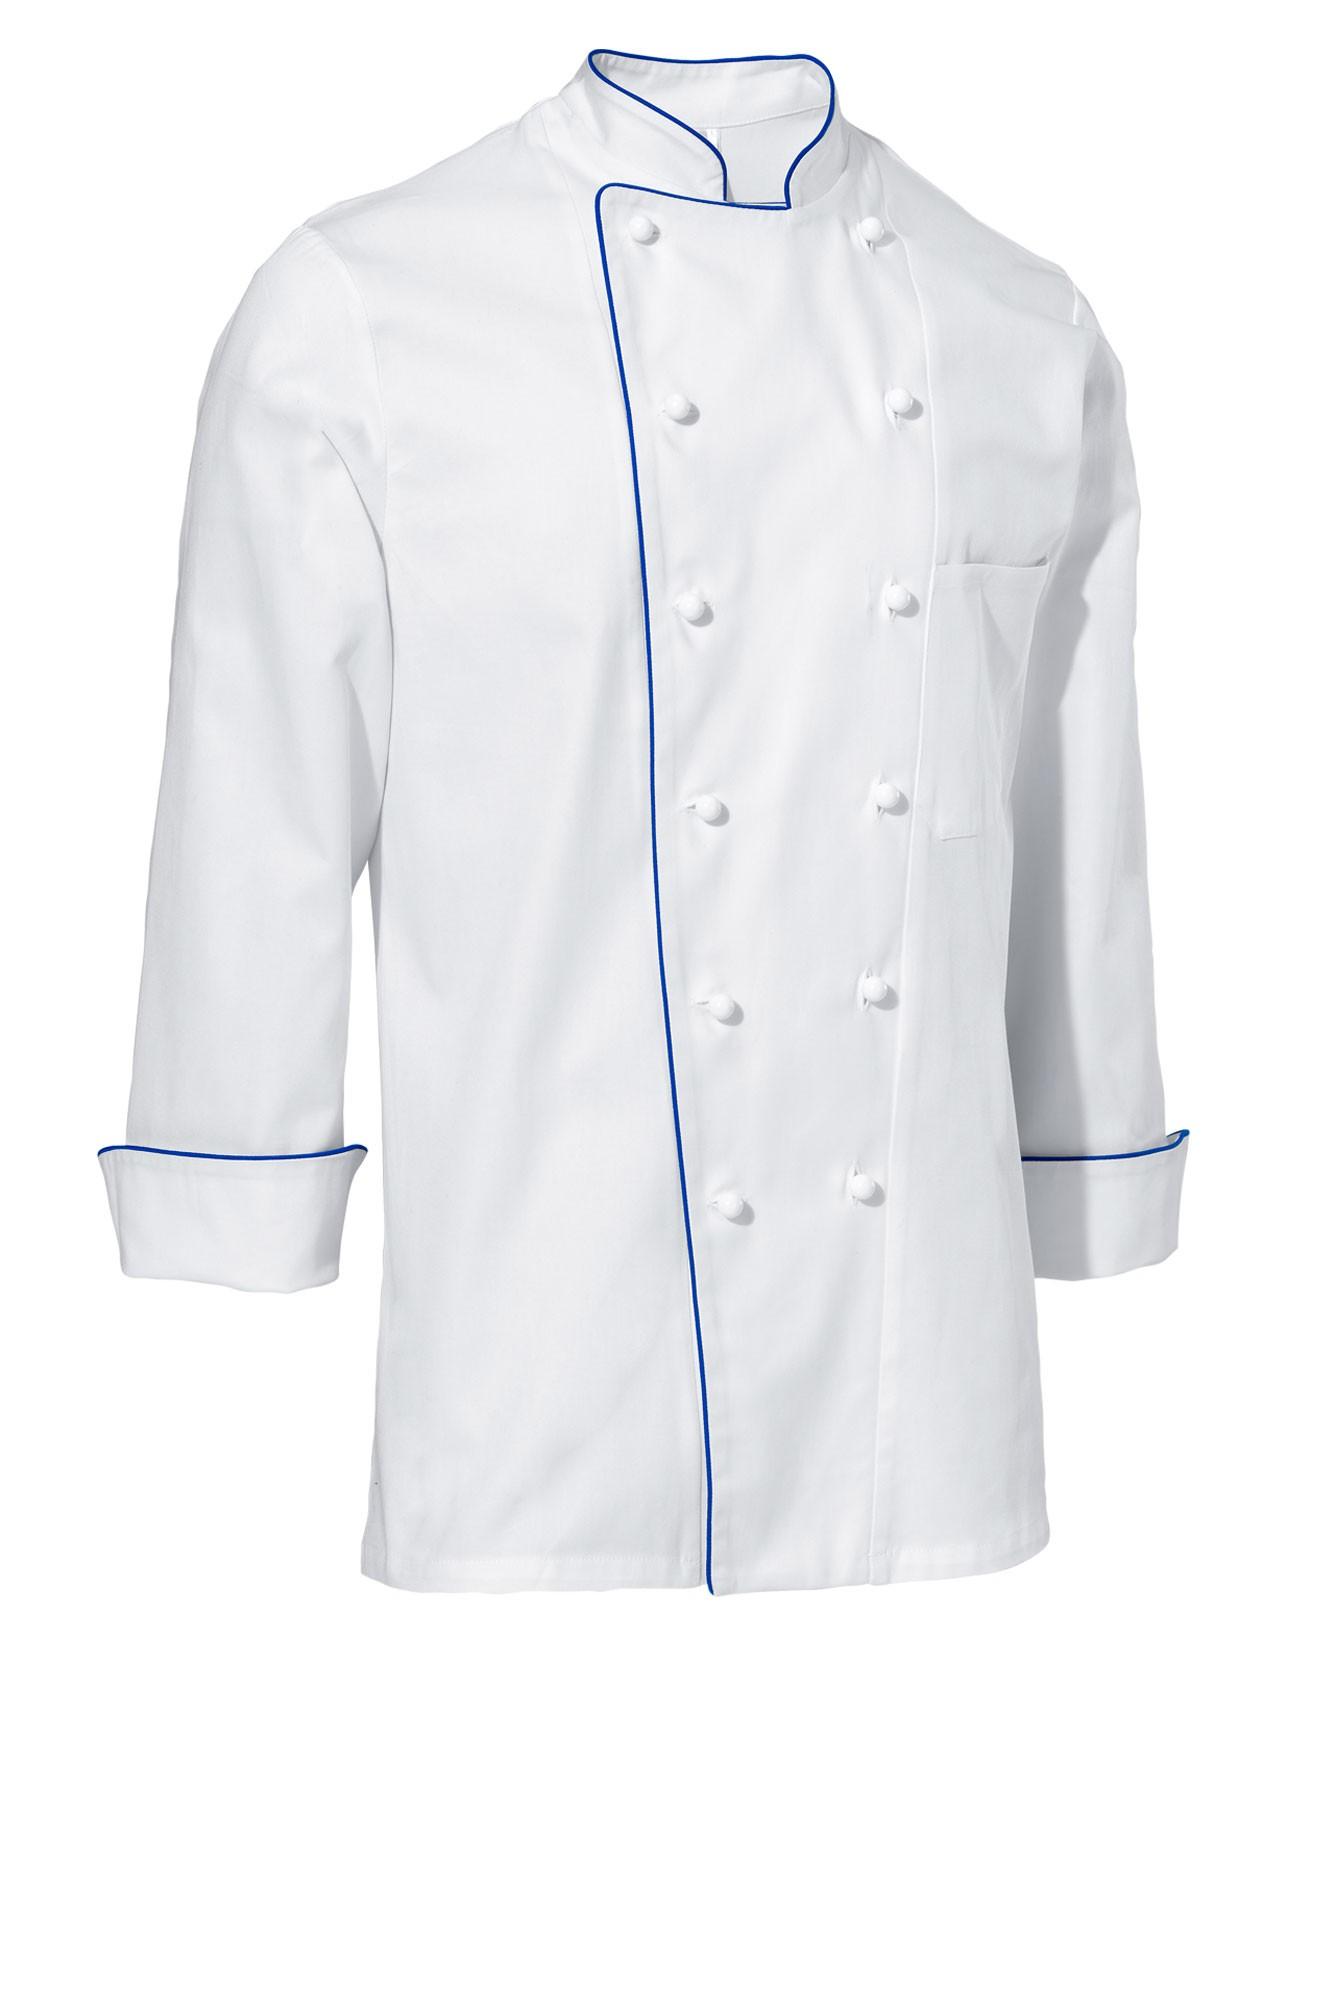 Rondon Samuel - dlouhý rukáv - bílá/modré lemování